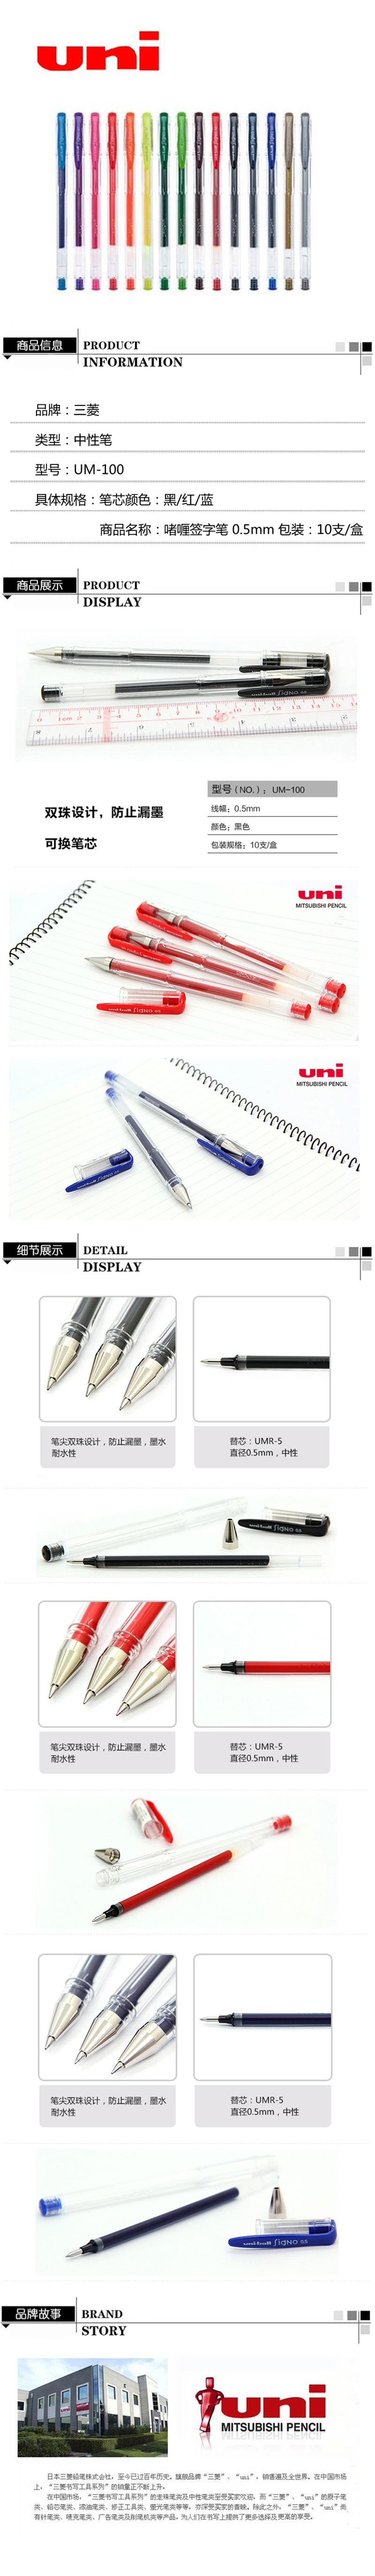 三菱 UM-100 学生用中性签字笔黑色(替芯URM-5)0.5mm 10支装